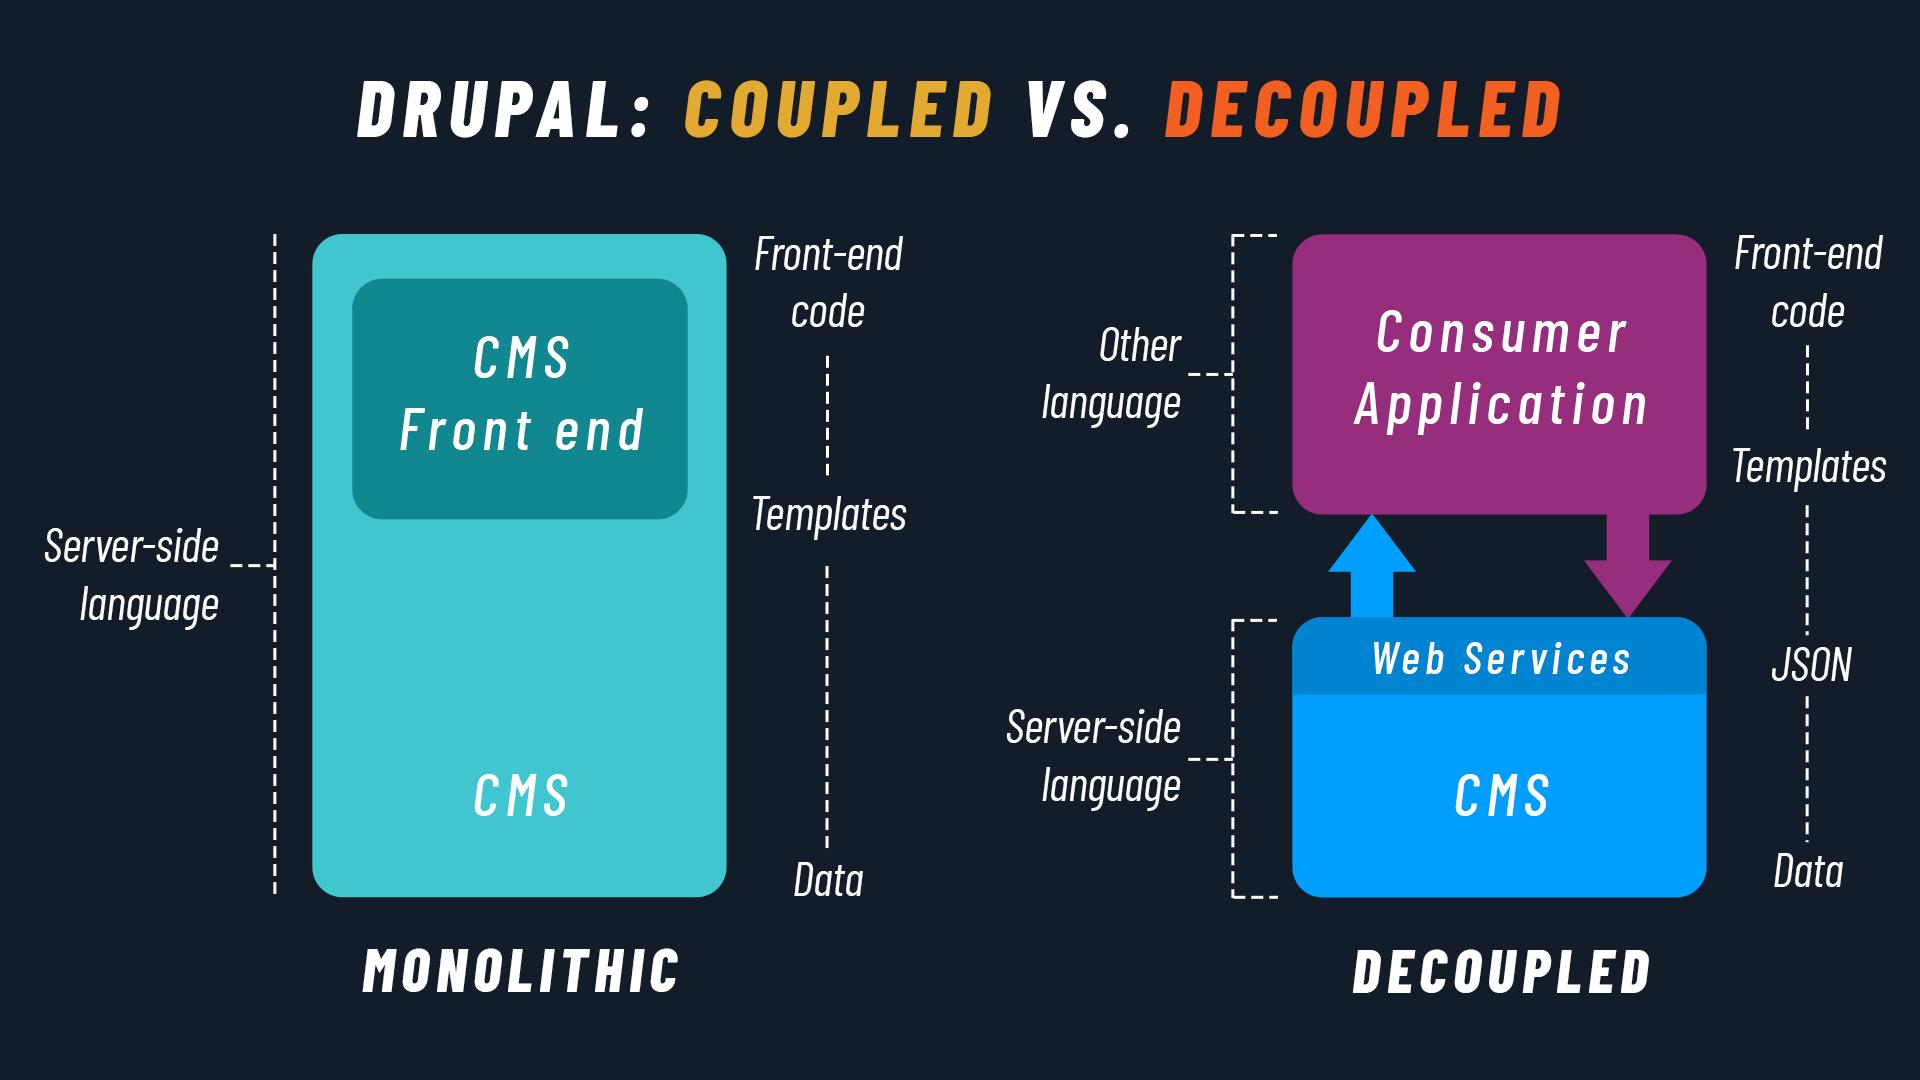 Drupal Monolithic vs. Drupal Decoupled